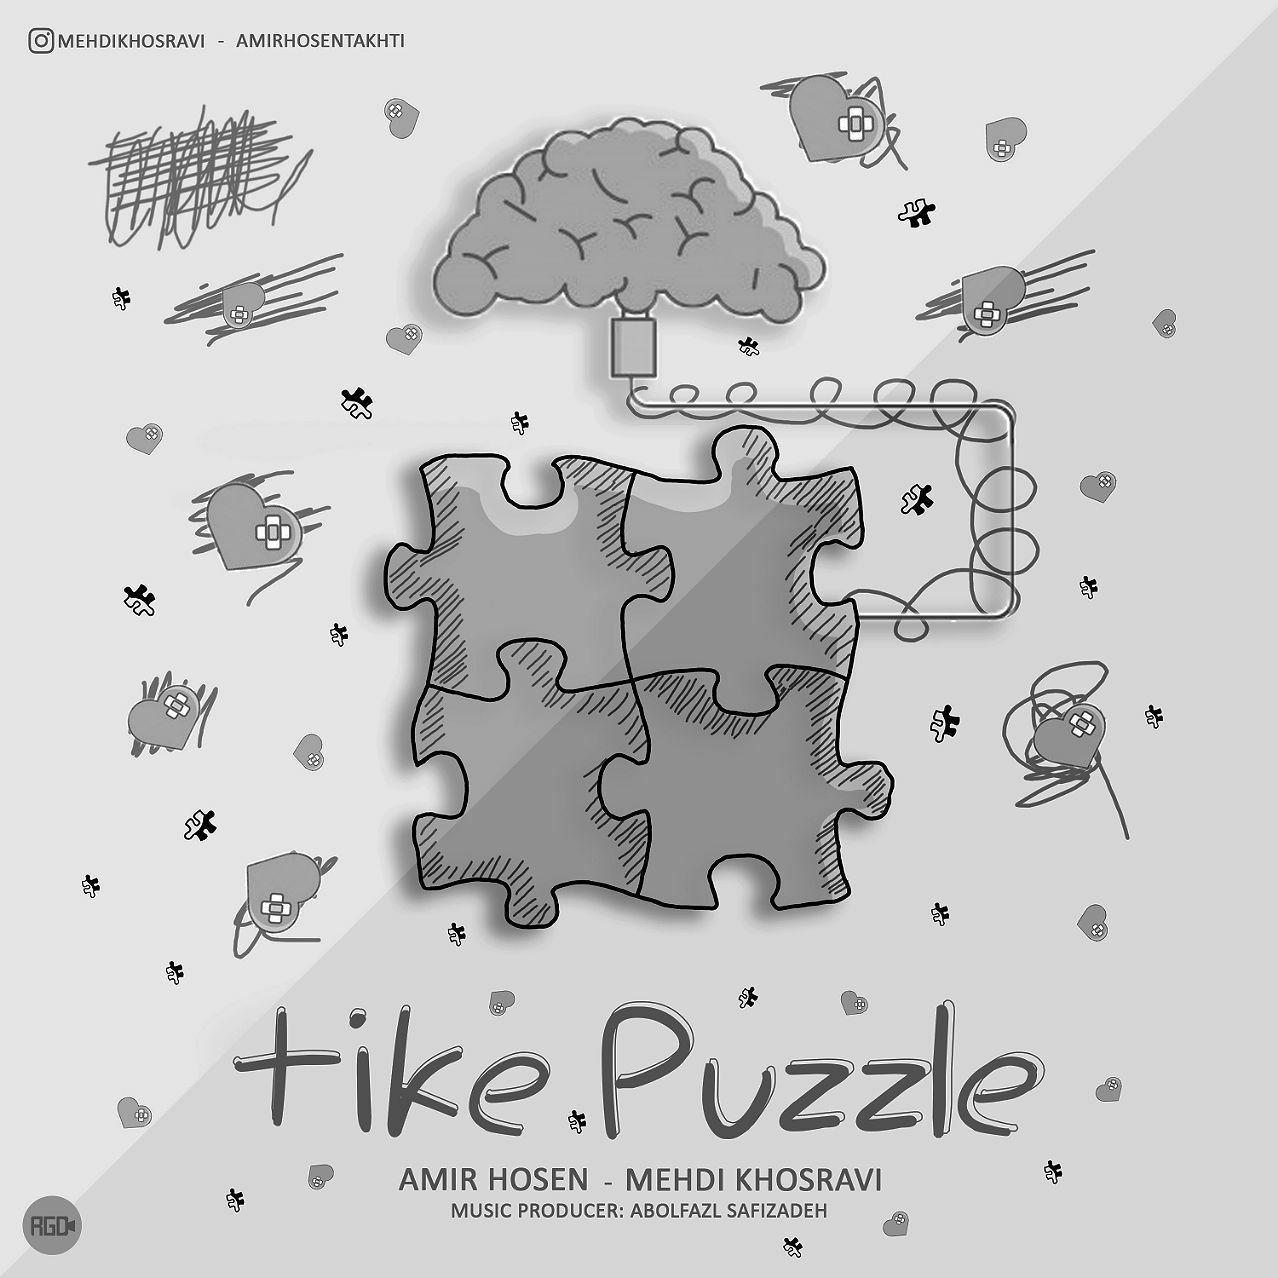 AmirHosen & Mehdi Khosravi – Tike Puzzle